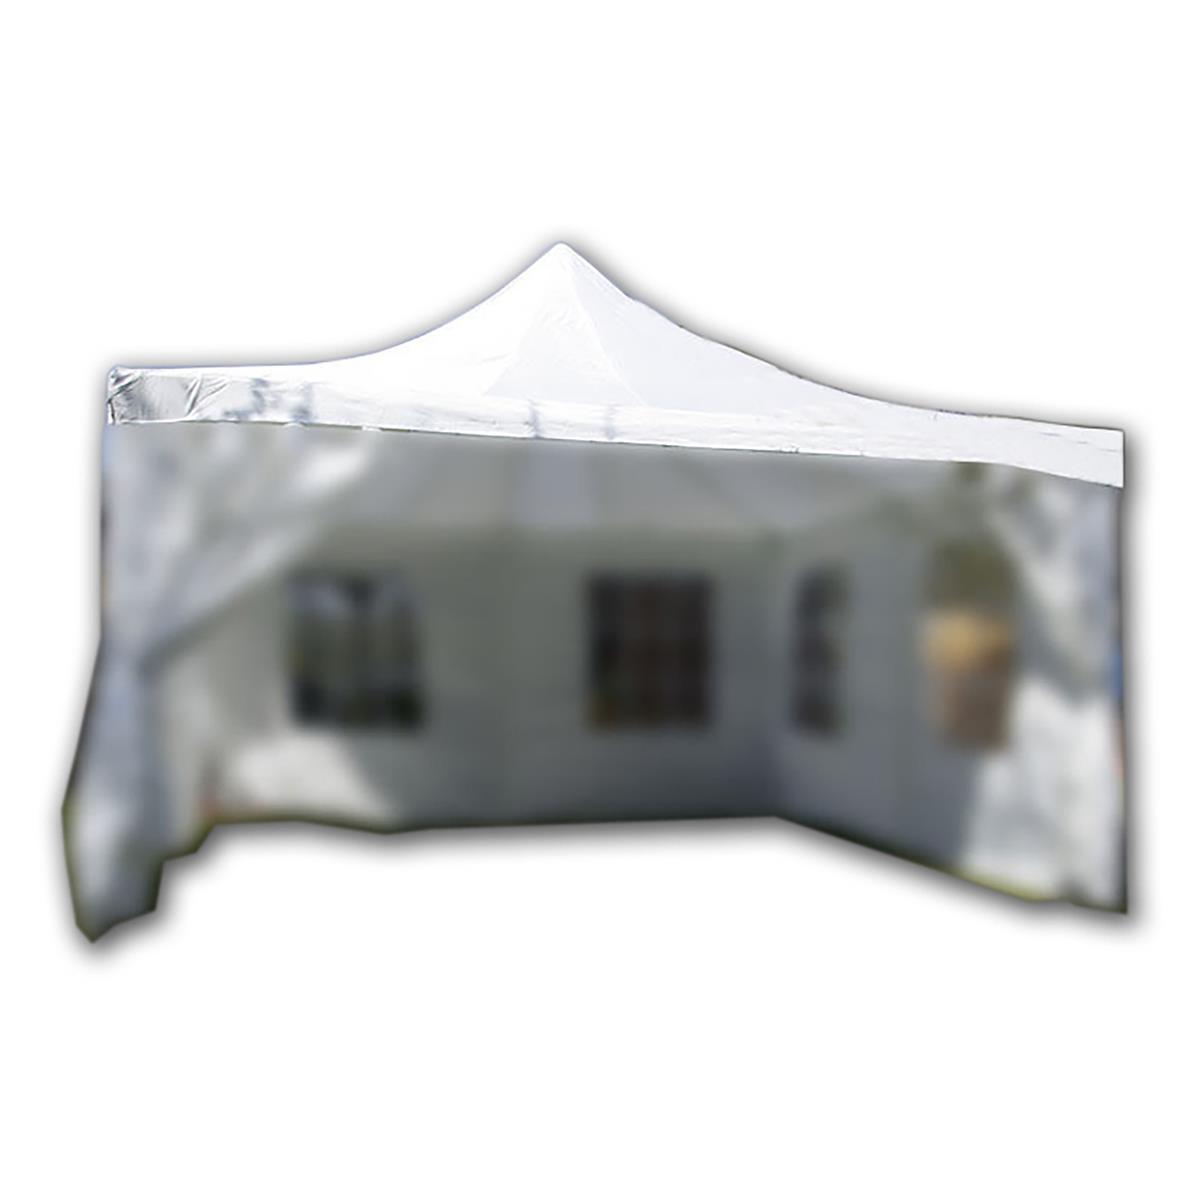 Ersatzdach für Partyzelt Pavillon 4 x 4m weiß, PE mit PVC-Coating wasserdicht